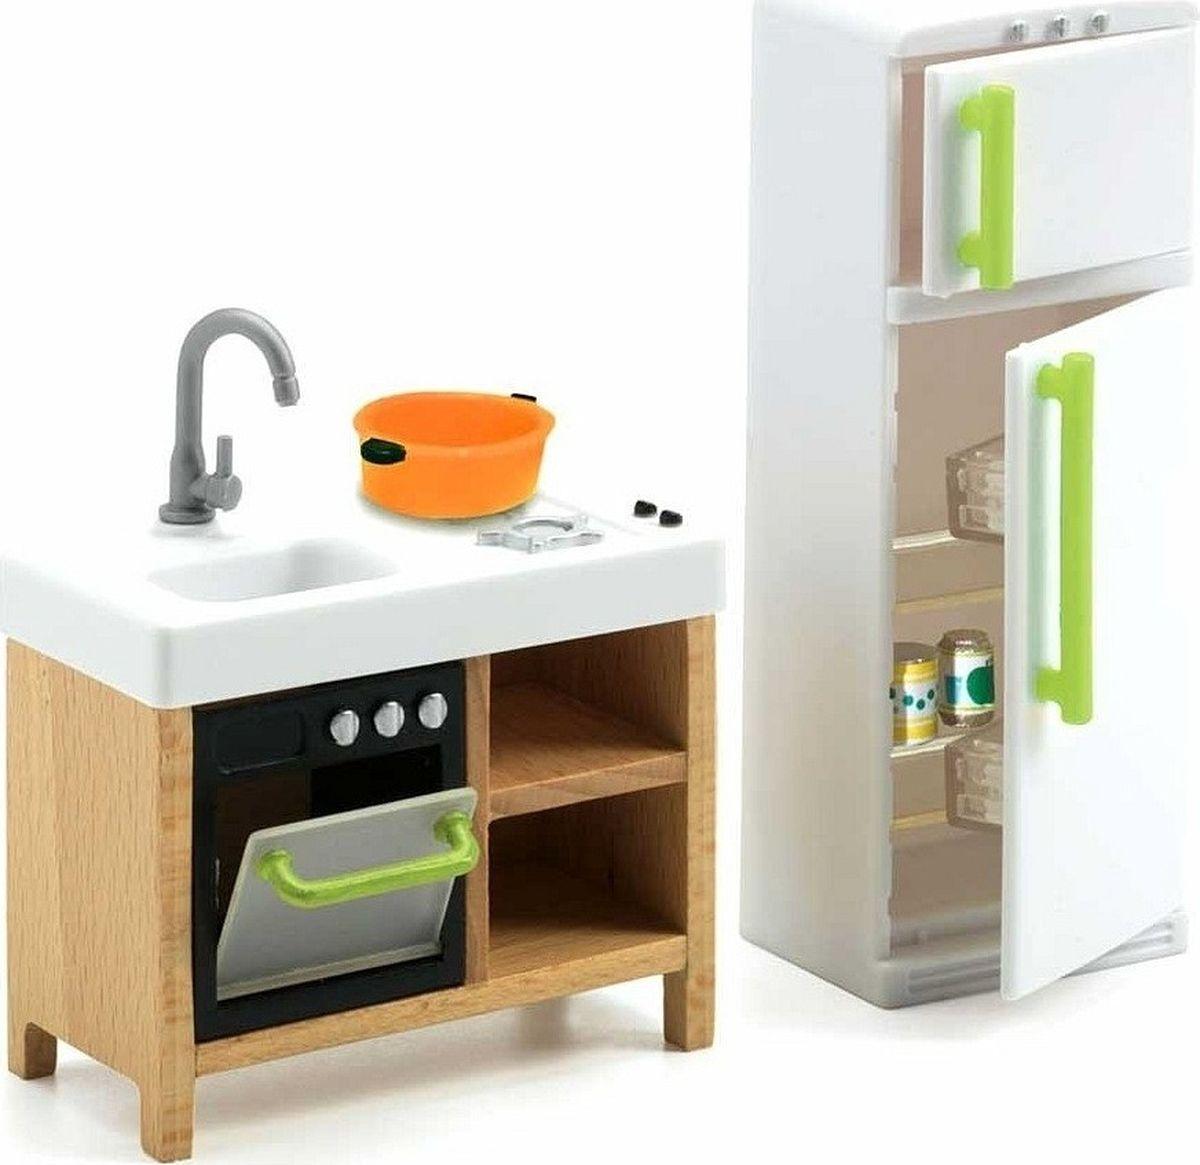 Djeco Мебель для кукол Кухня. 07833 мебель 100445904 кухня в коробке 31 9 3 11см 1163593